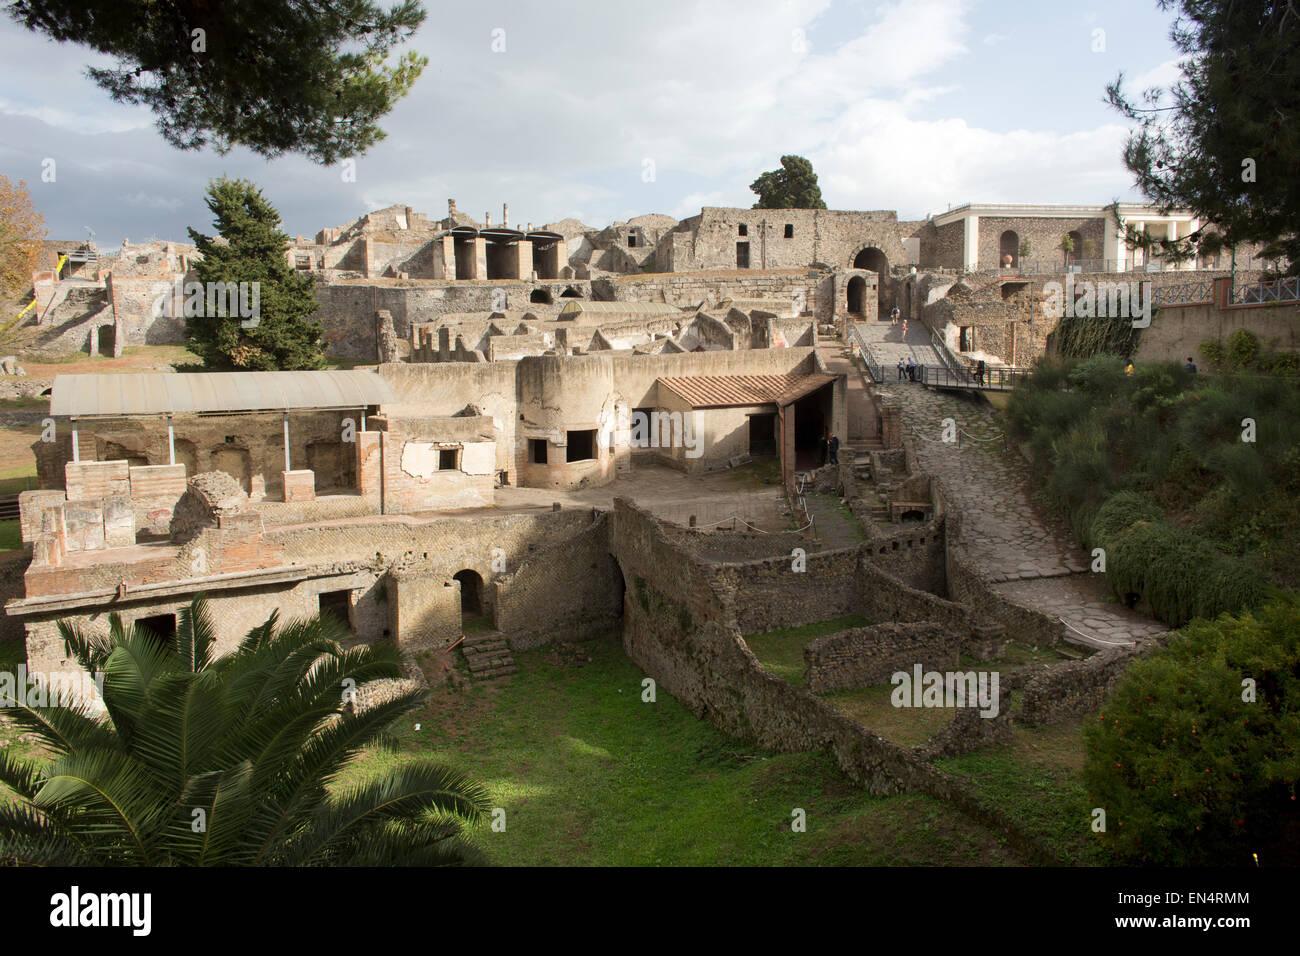 Quasi duemila anni fa la città di Pompei fu distrutta da una eruzione del Vesuvio. 20.000 residenti di Pompei Immagini Stock